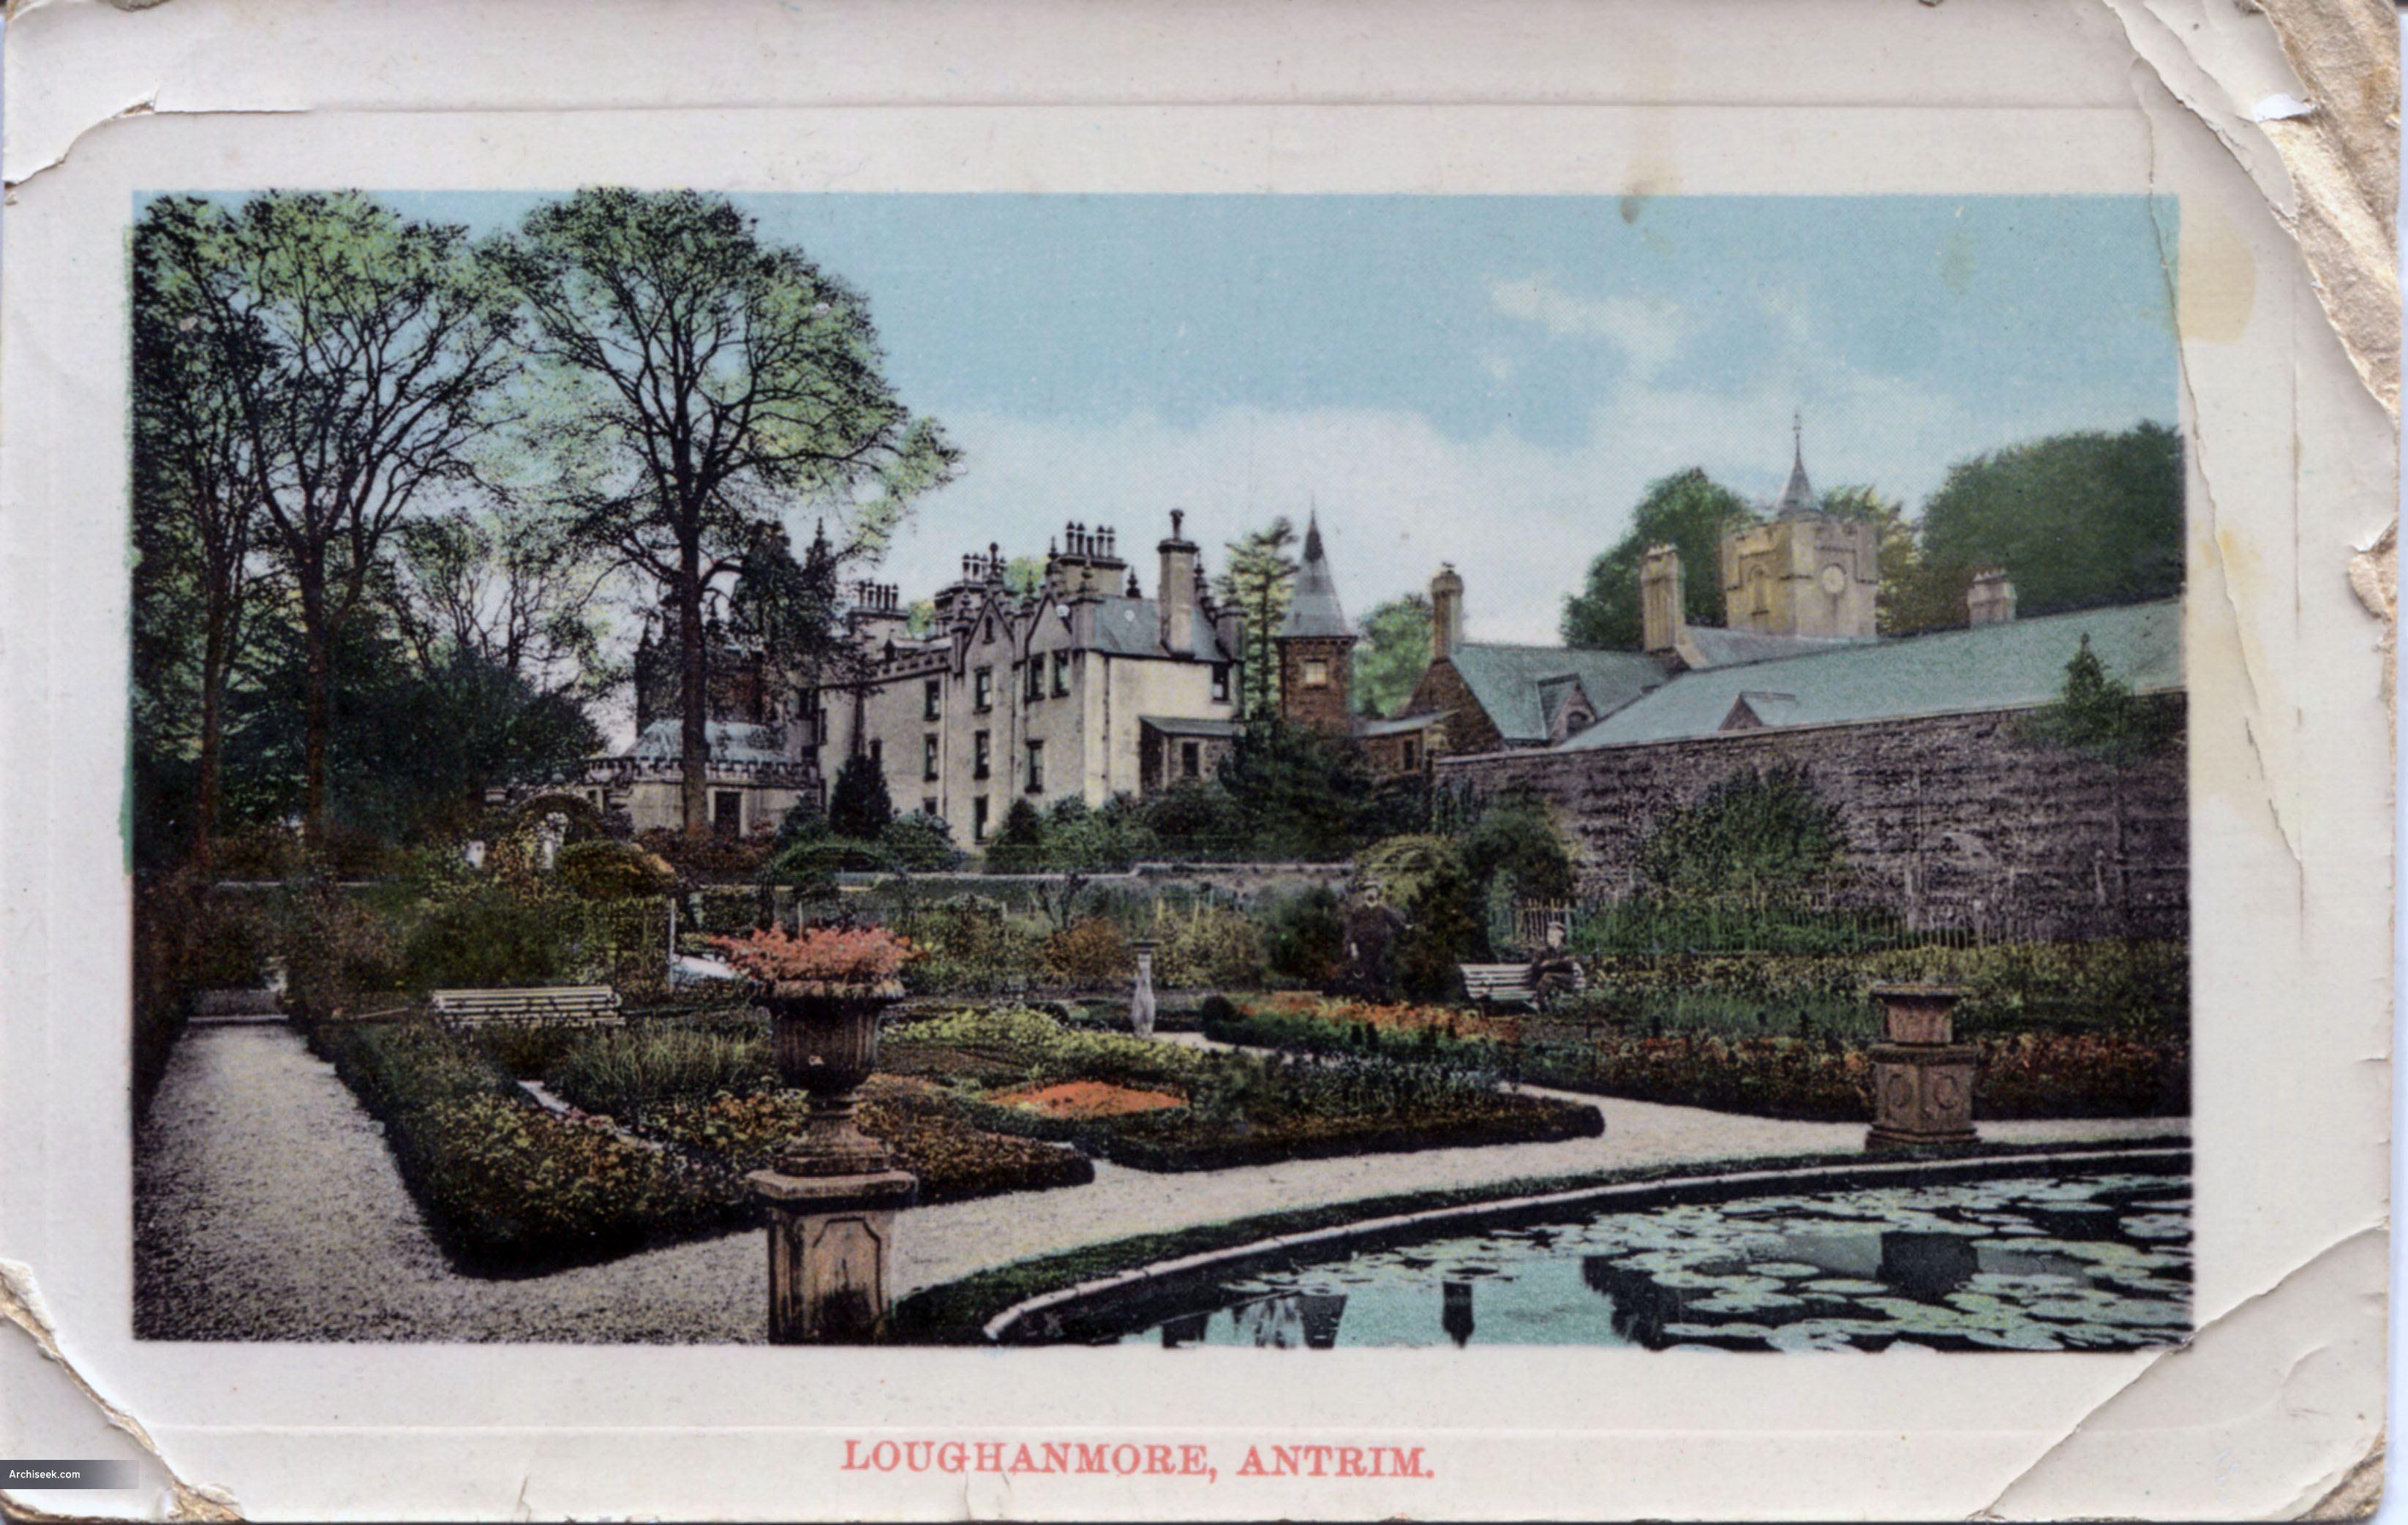 Loughanmore, Antrim